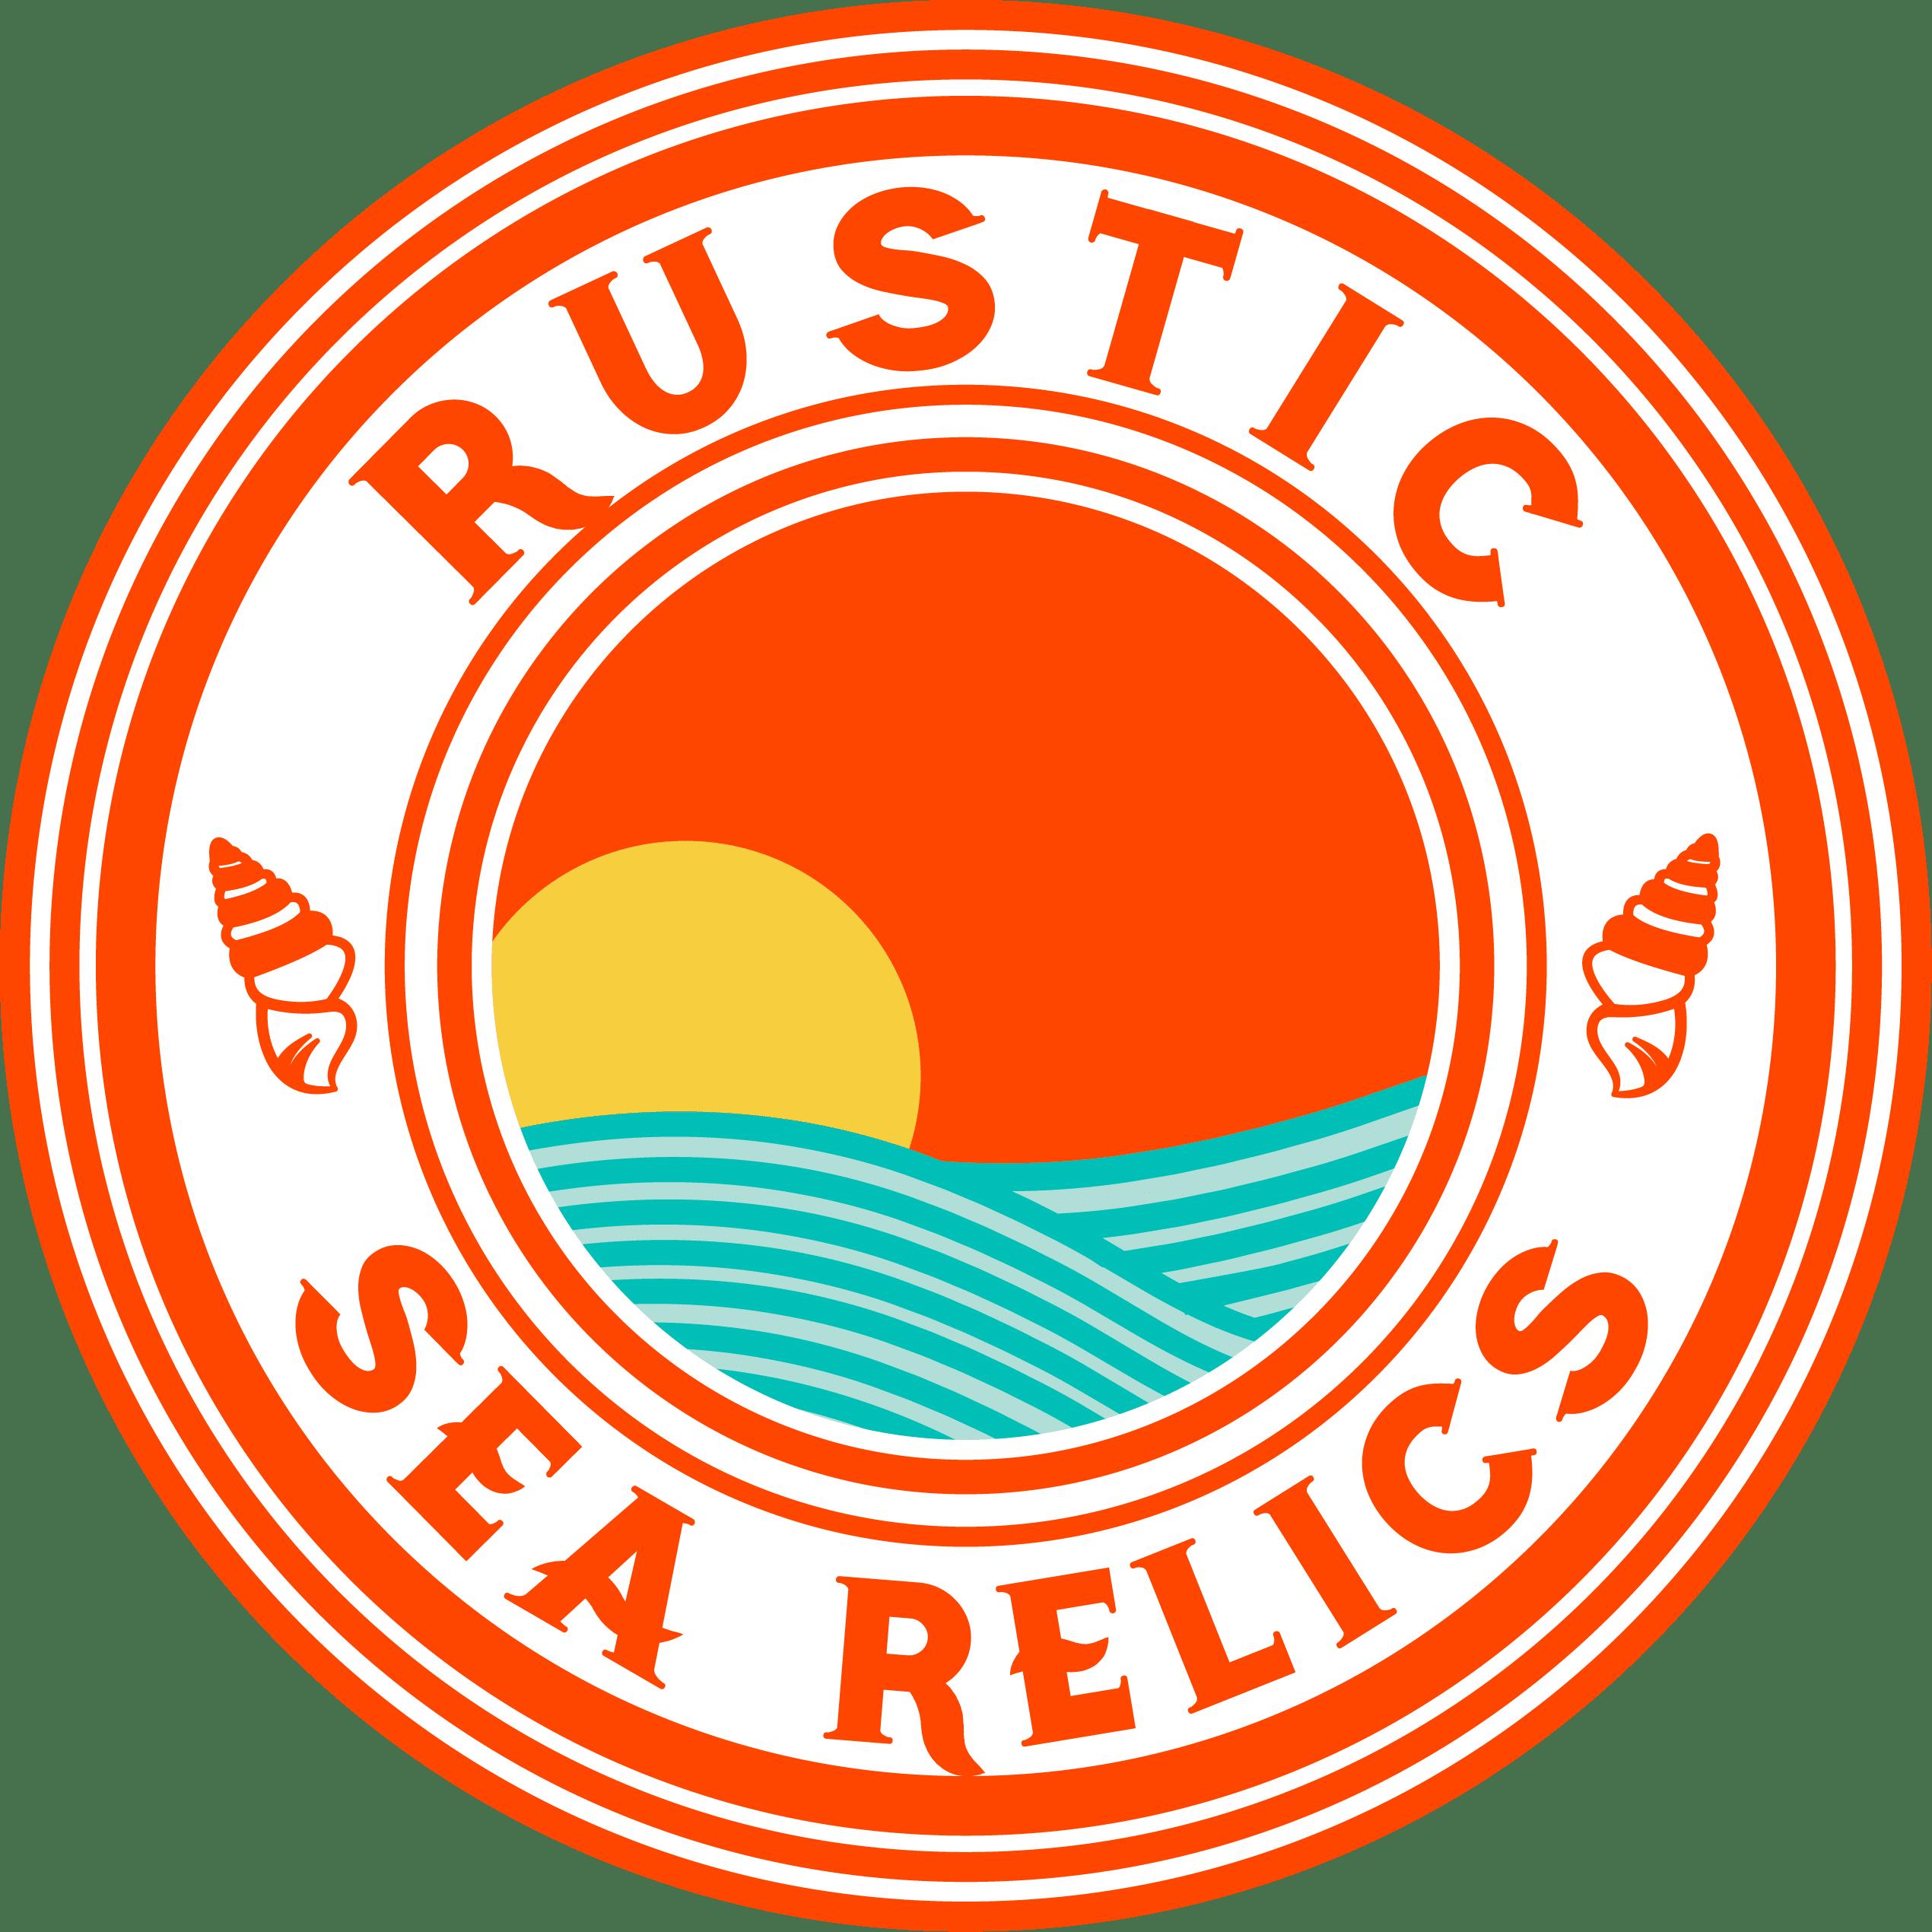 rustic sea relics logo